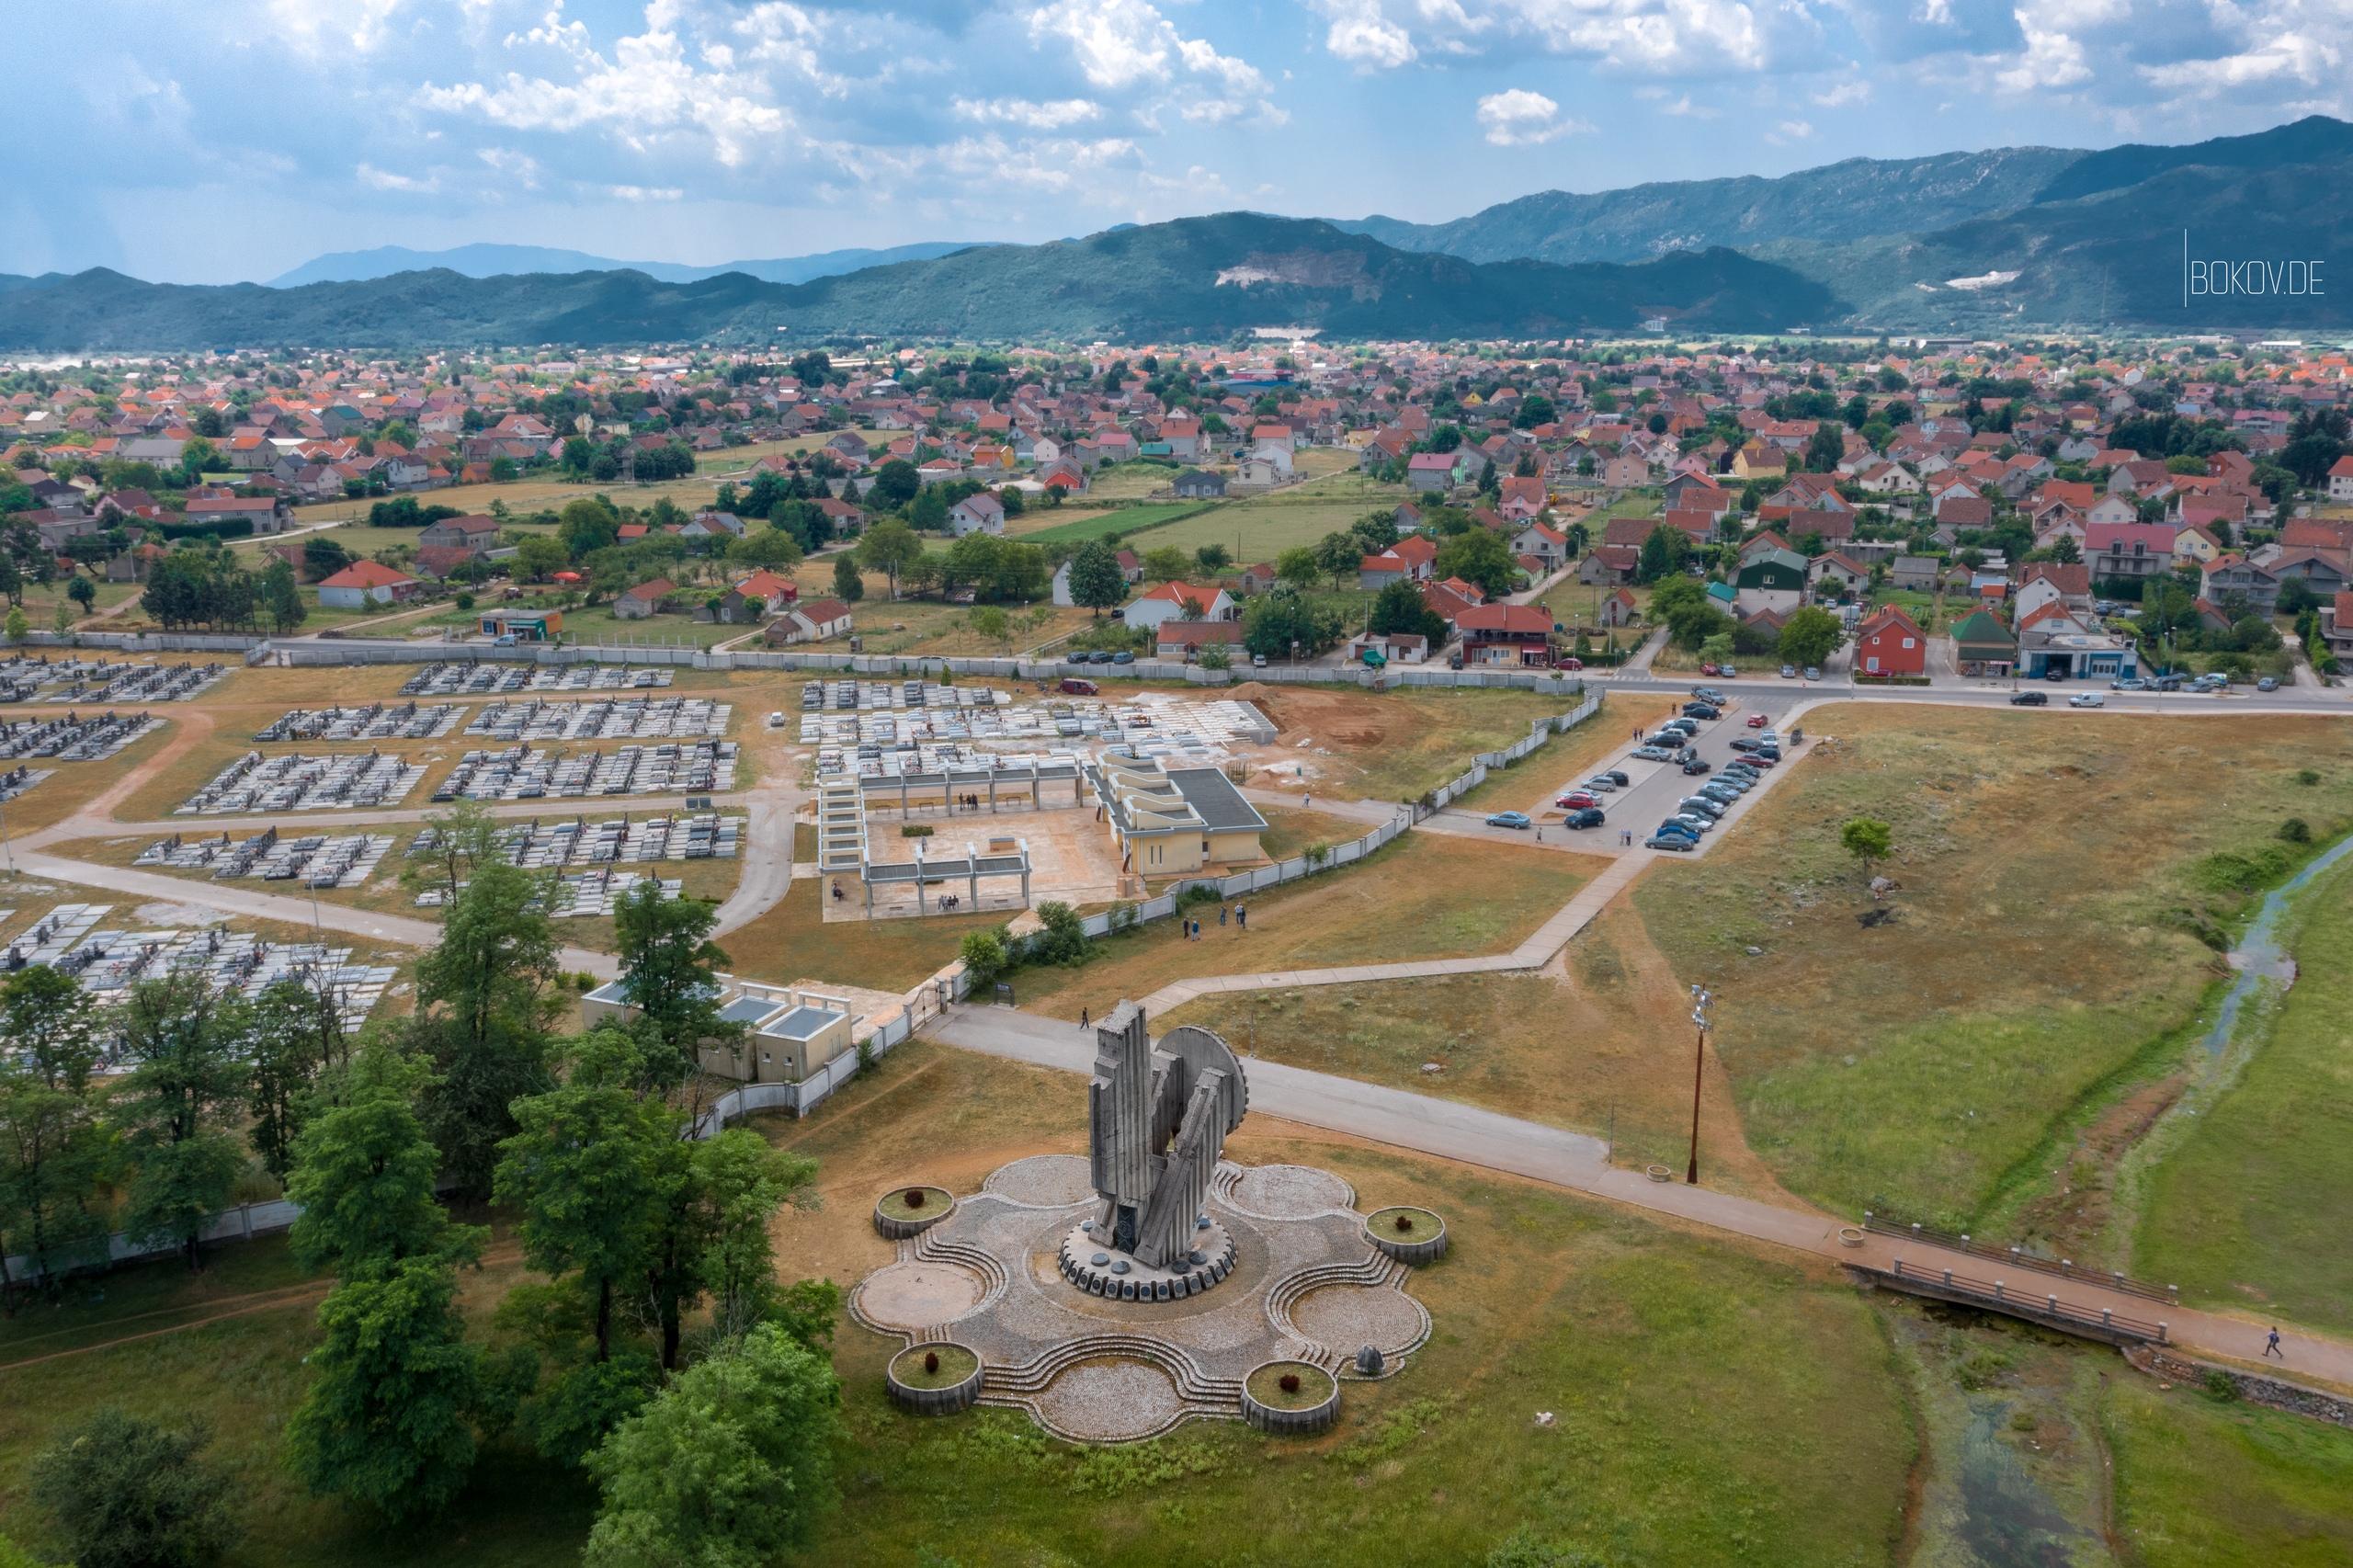 ugoslavskiy-spomenik-nikshich